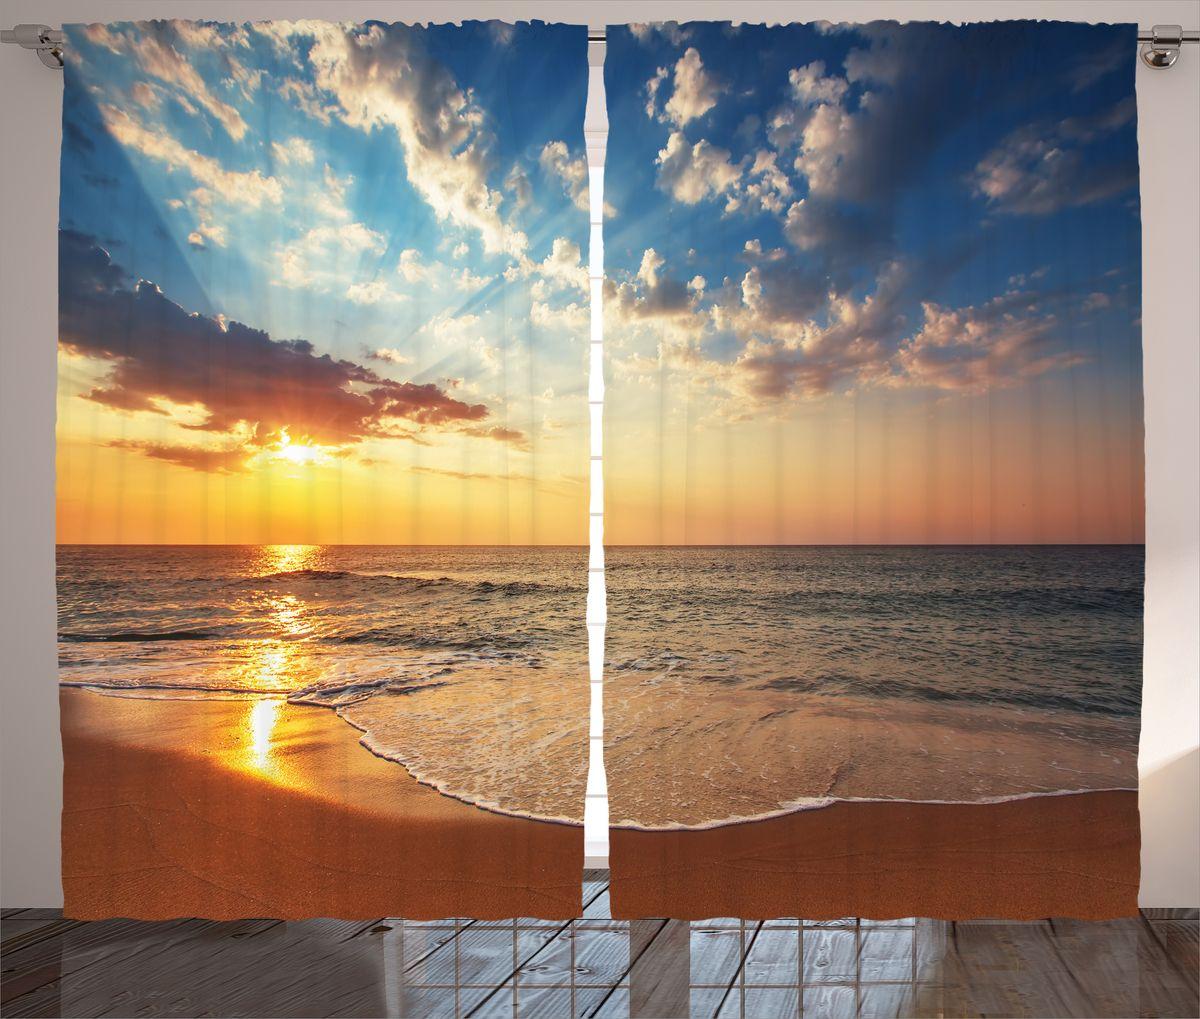 Комплект фотоштор Magic Lady Оранжевый пляж, на ленте, высота 265 см. шсг_15030шсг_15030Компания Сэмболь изготавливает шторы из высококачественного сатена (полиэстер 100%). При изготовлении используются специальные гипоаллергенные чернила для прямой печати по ткани, безопасные для человека и животных. Экологичность продукции Magic lady и безопасность для окружающей среды подтверждены сертификатом Oeko-Tex Standard 100. Крепление: крючки для крепления на шторной ленте (50 шт). Возможно крепление на трубу. Внимание! При нанесении сублимационной печати на ткань технологическим методом при температуре 240°С, возможно отклонение полученных размеров (указанных на этикетке и сайте) от стандартных на + - 3-5 см. Производитель старается максимально точно передать цвета изделия на фотографиях, однако искажения неизбежны и фактический цвет изделия может отличаться от воспринимаемого по фото. Обратите внимание! Шторы изготовлены из полиэстра сатенового переплетения, а не из сатина (хлопок). Размер одного полотна шторы: 145х265 см. В комплекте 2...